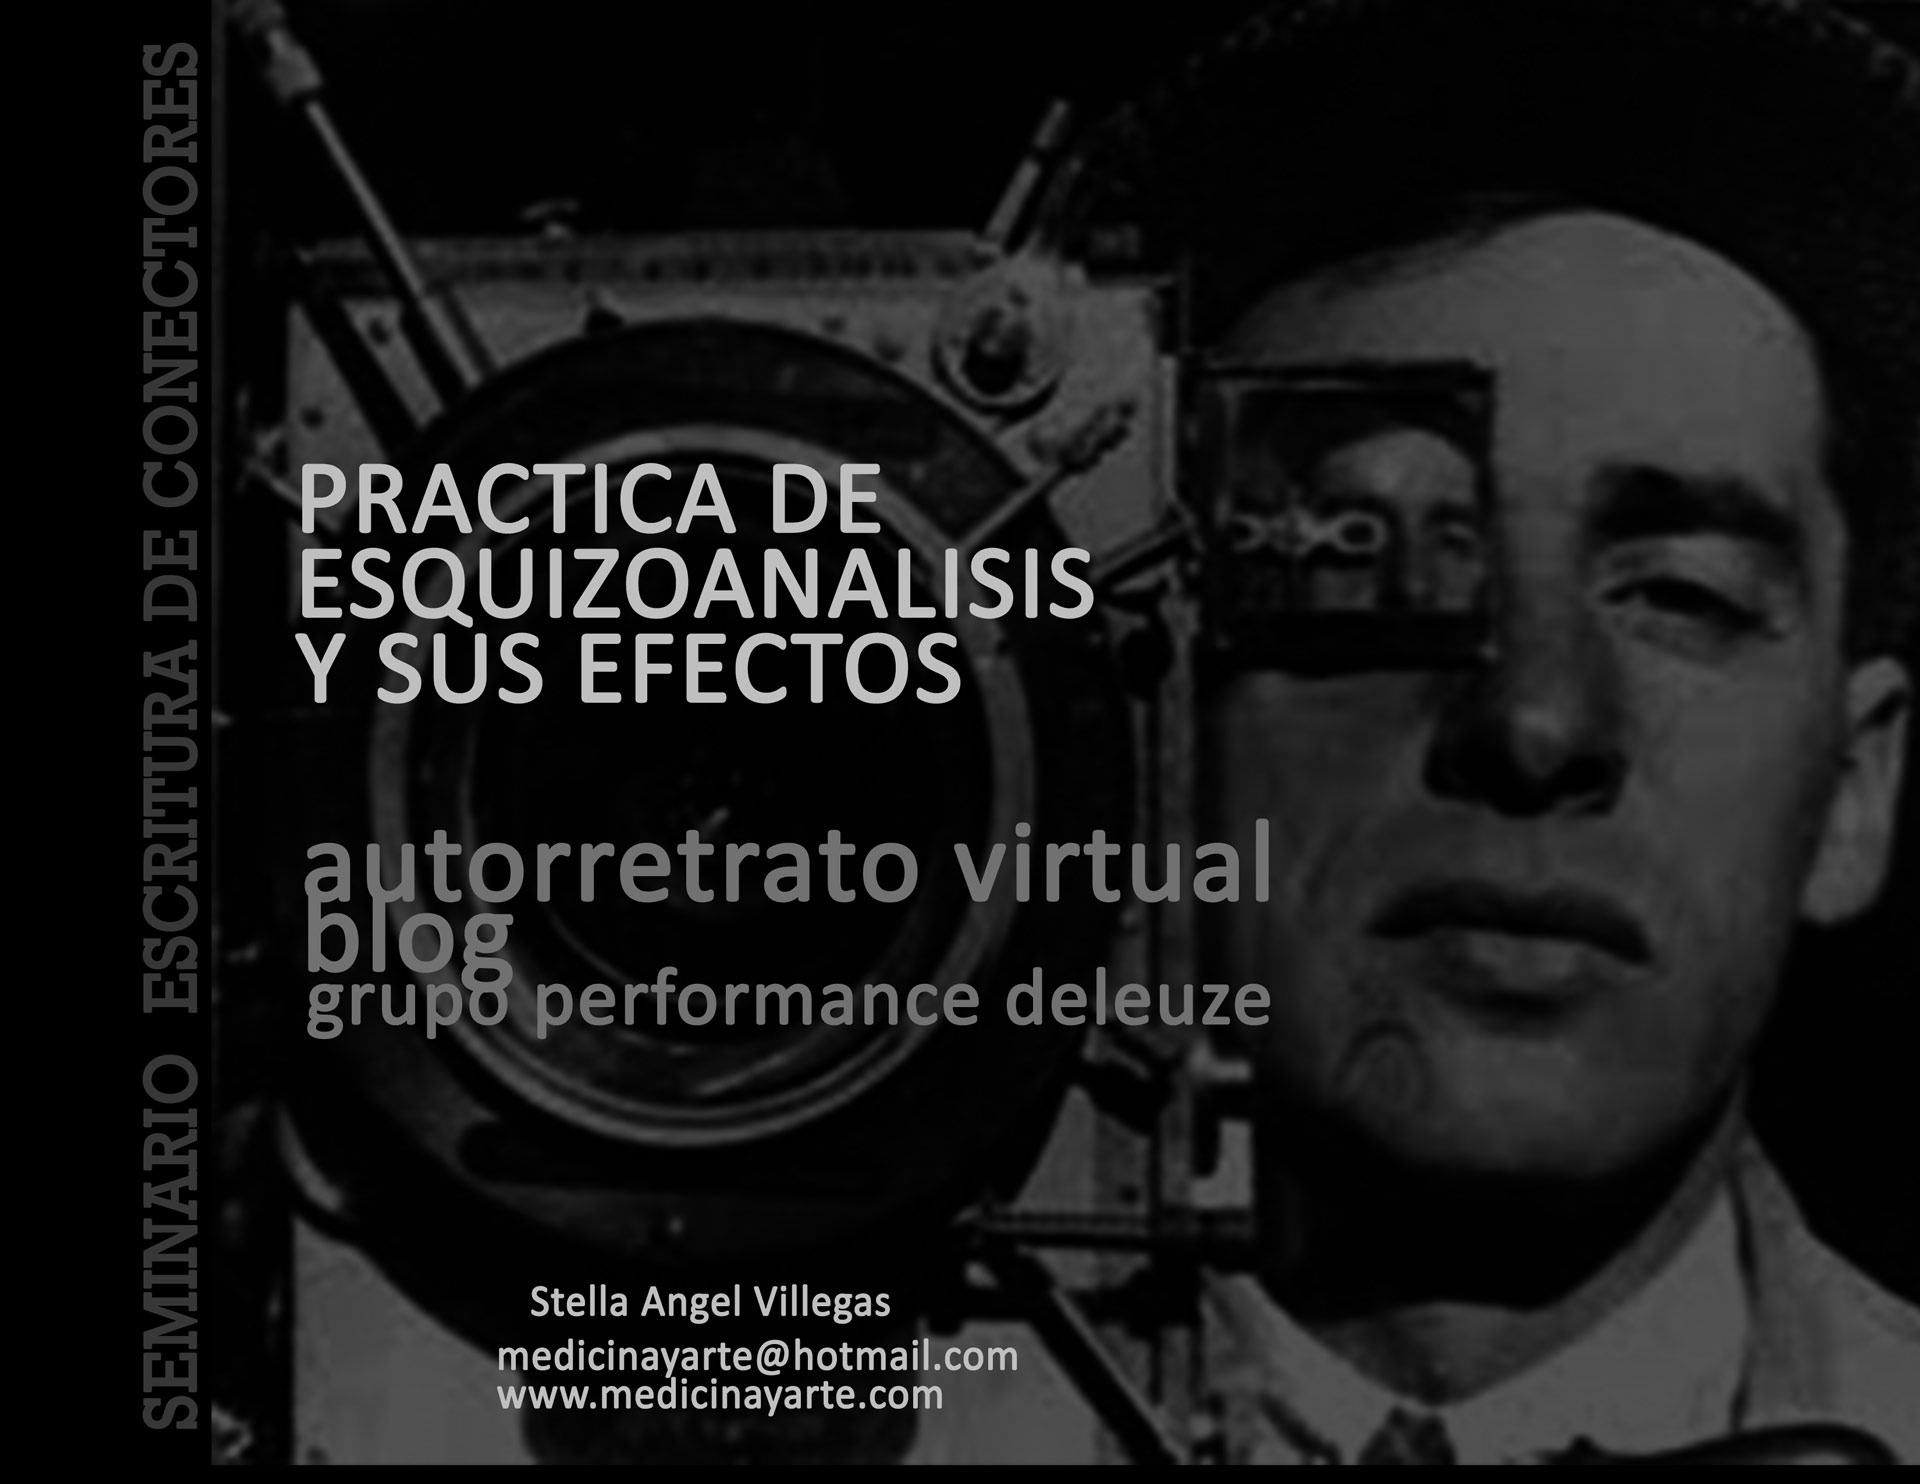 http://medicinayarte.com/img/practicas-esquizo-efectosV5.jpg